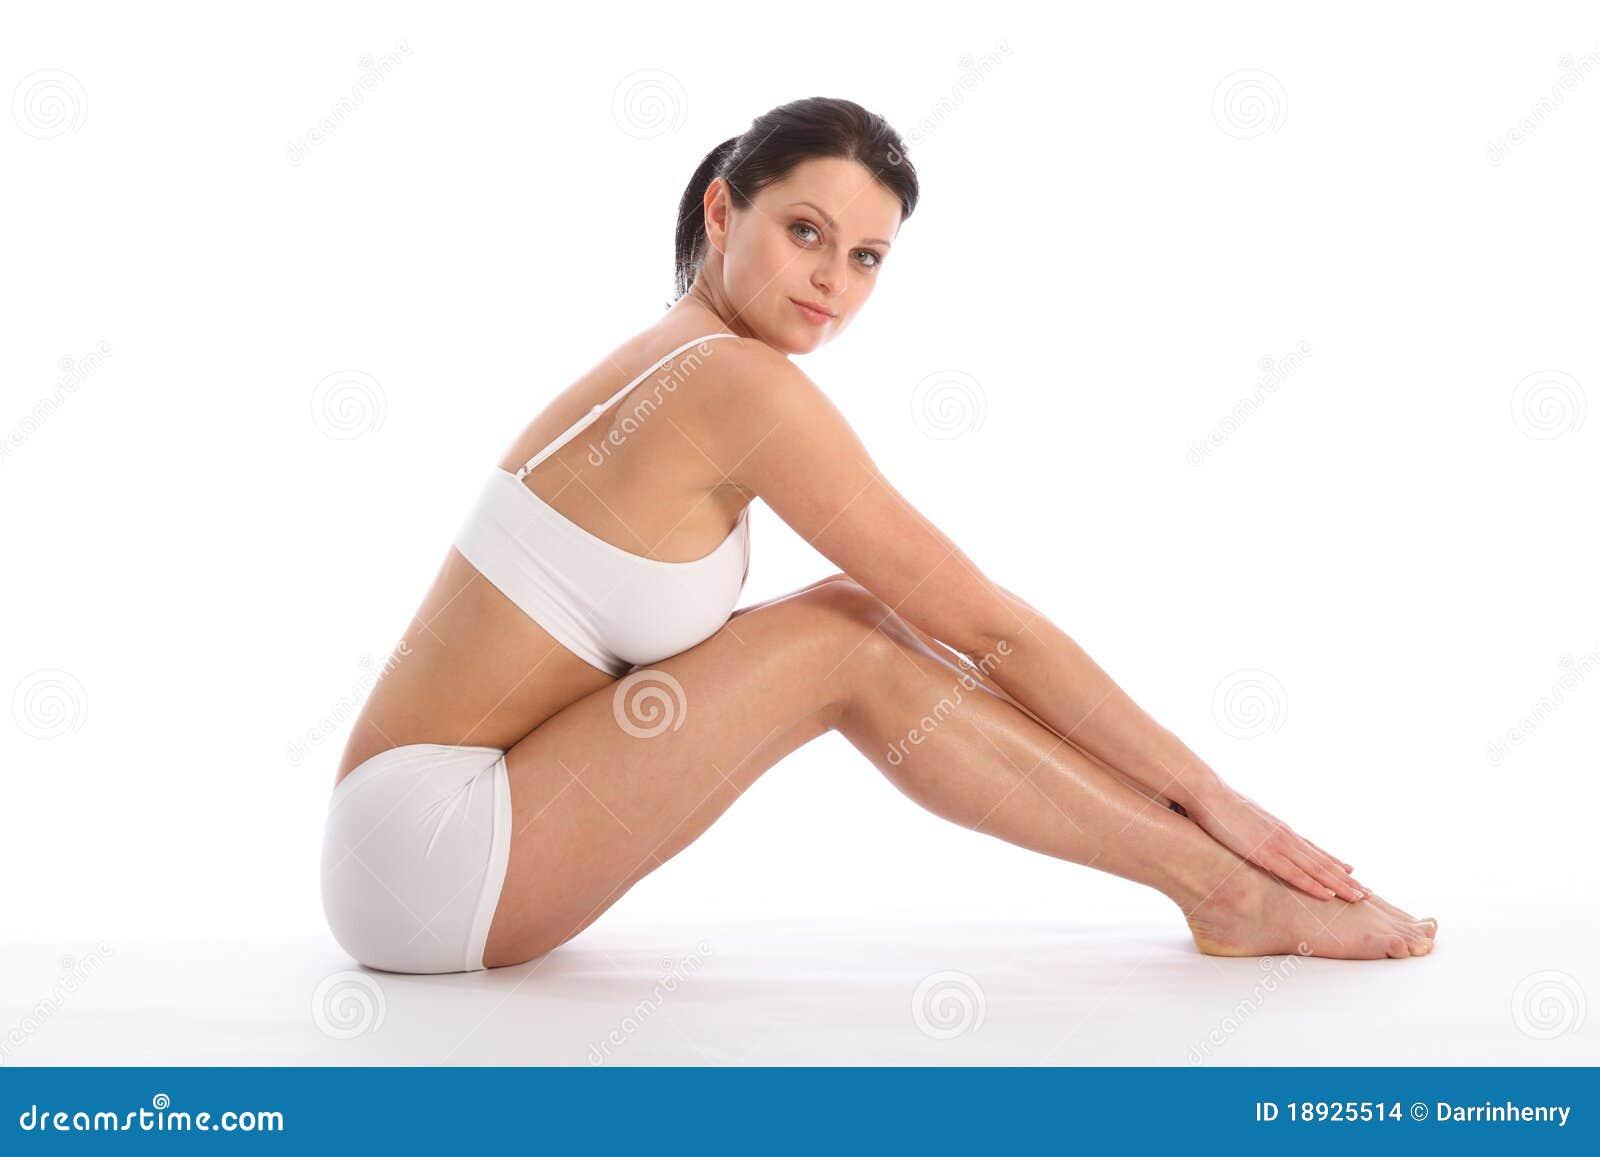 Сидеть на полных коленях фото 6 фотография